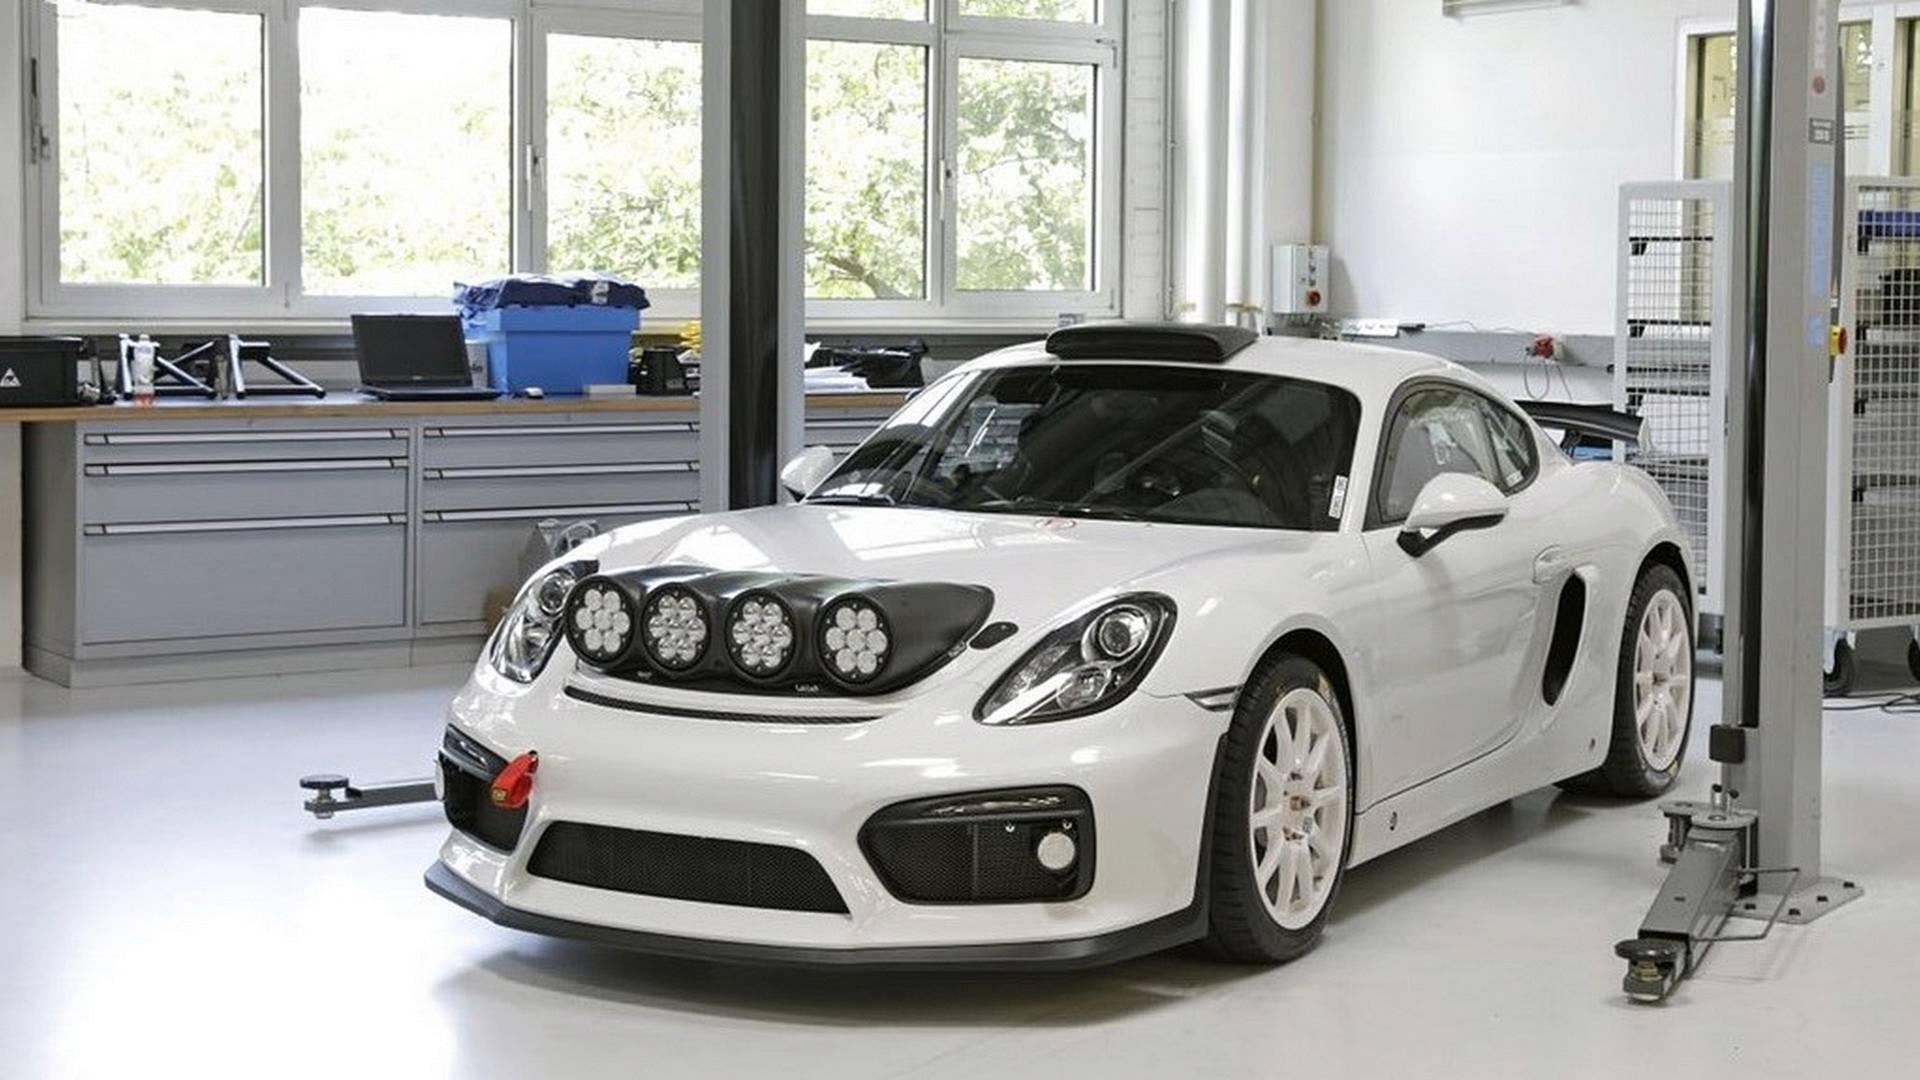 Спортивное подразделение «Порше» презентовало раллийный прототип, созданный на базе купе Cayman GT4 Clubsport